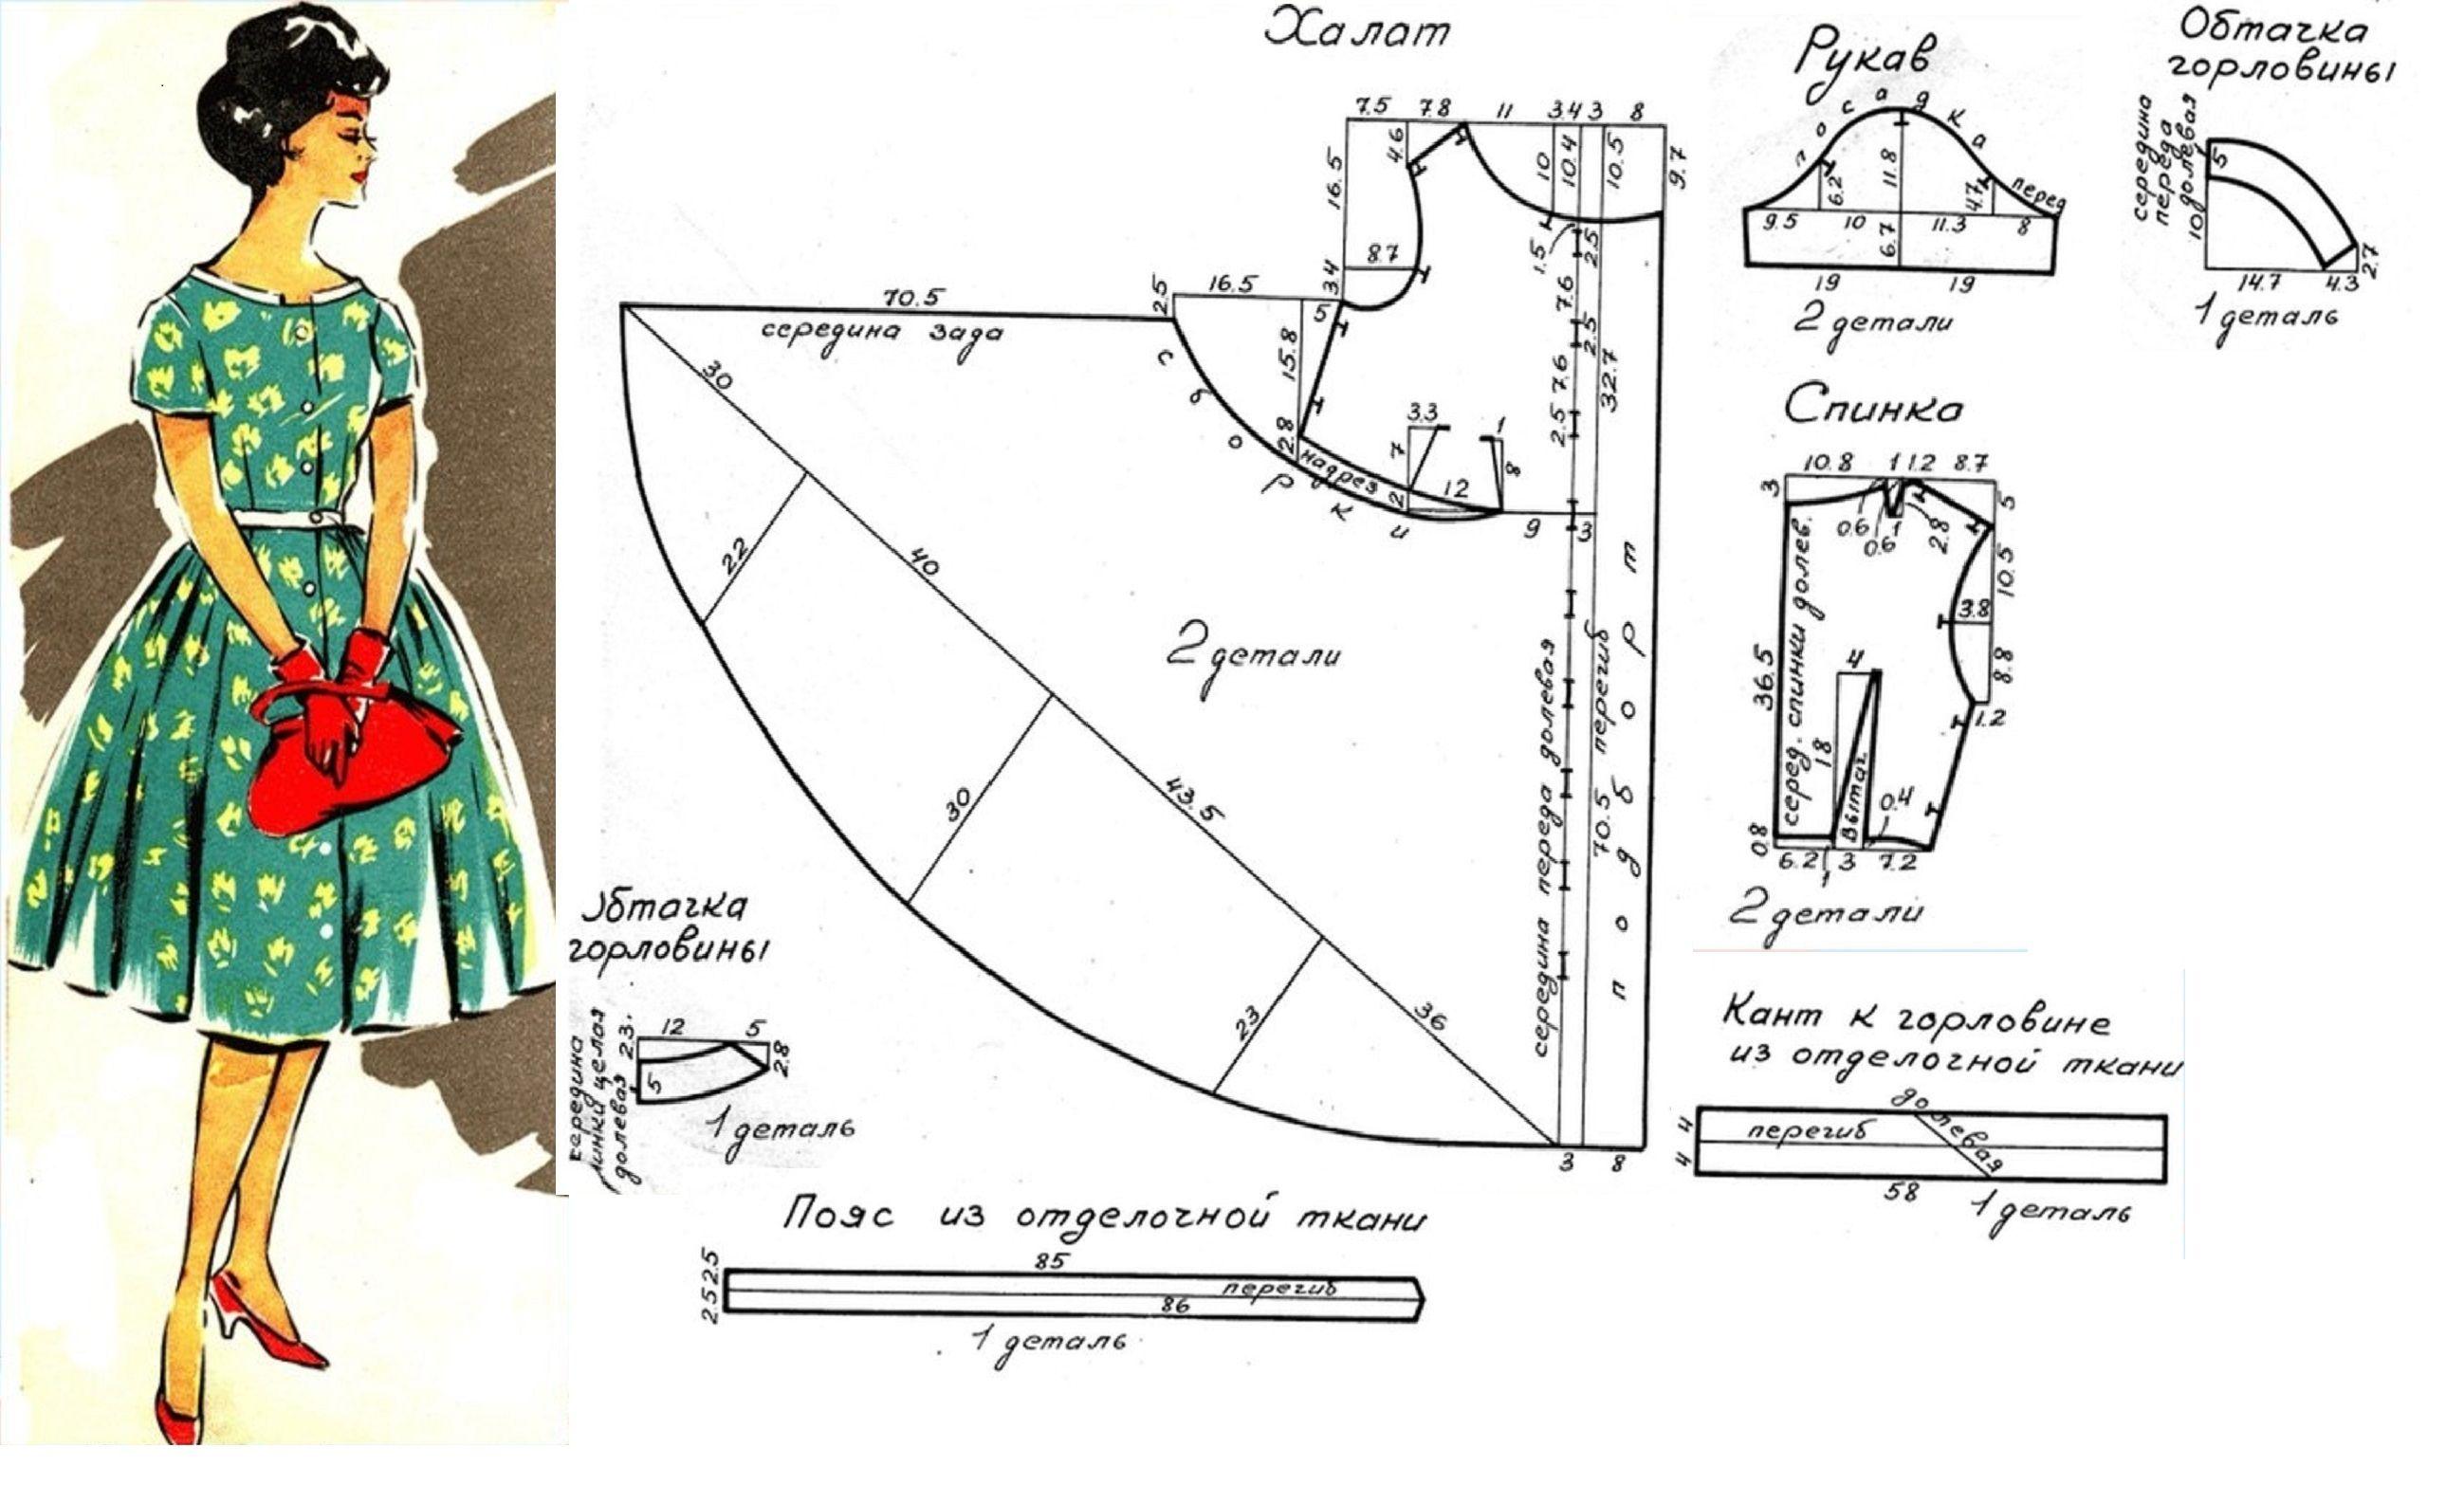 Pin de celisavega en Costura   Pinterest   Patrones, Costura y Ideas ...